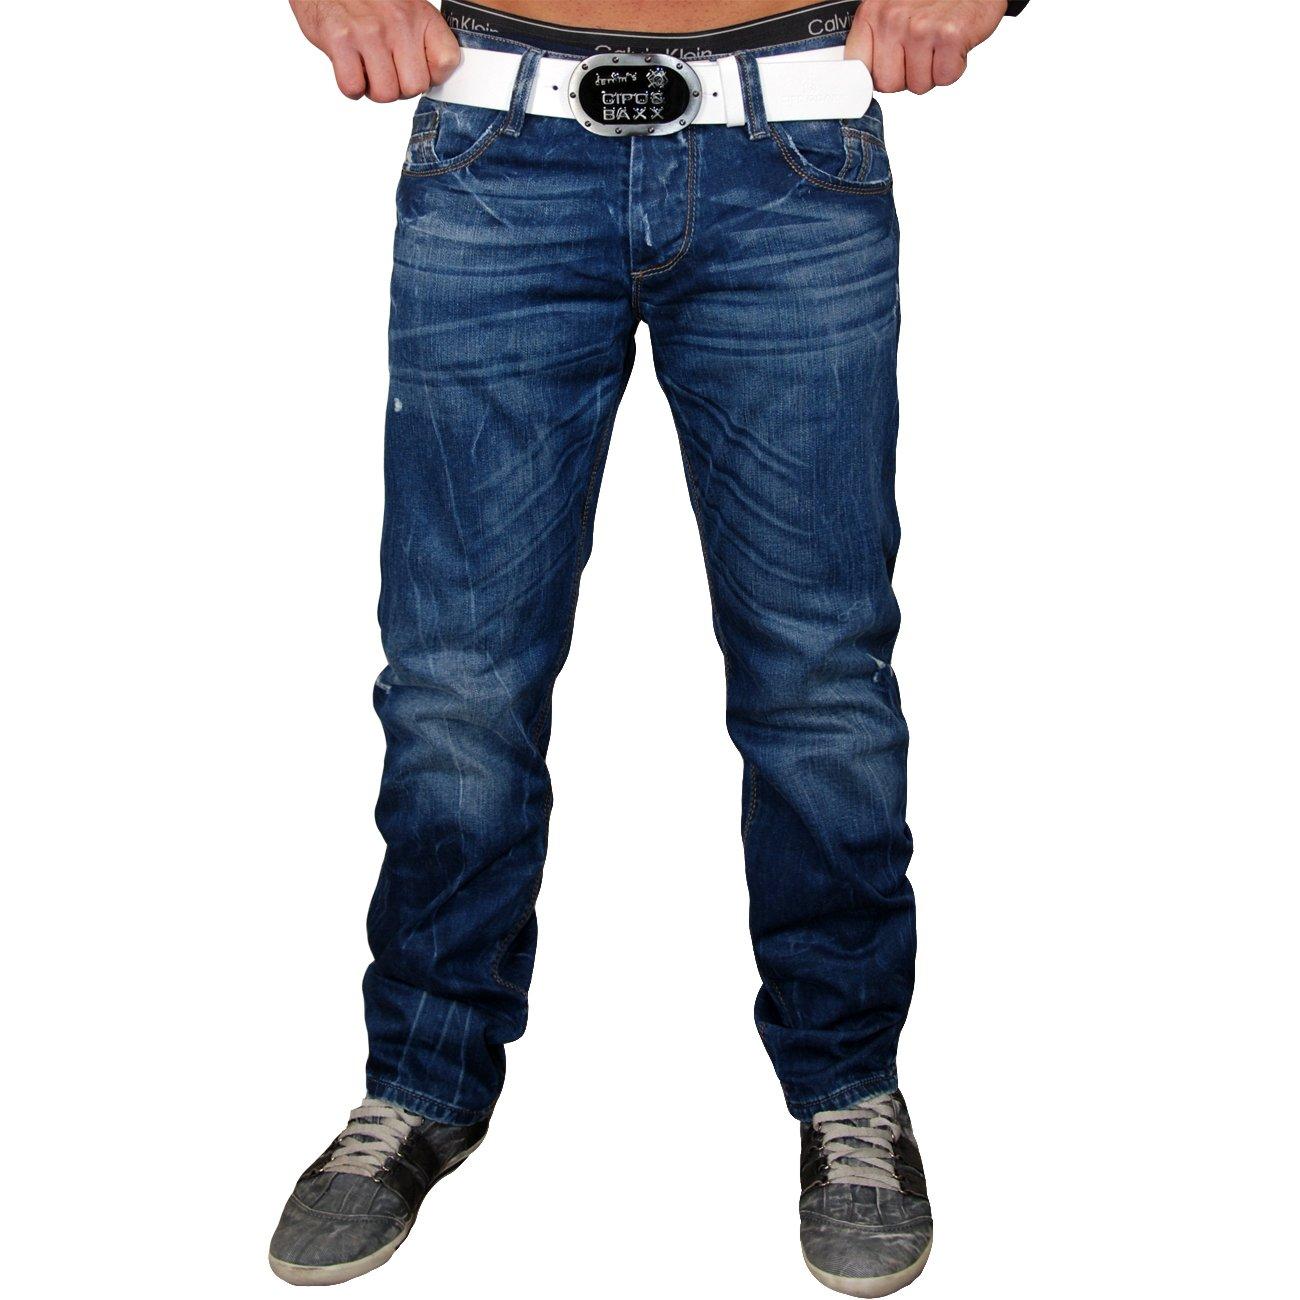 cipo baxx jeans herren used optik c 813 jeans g nstig. Black Bedroom Furniture Sets. Home Design Ideas